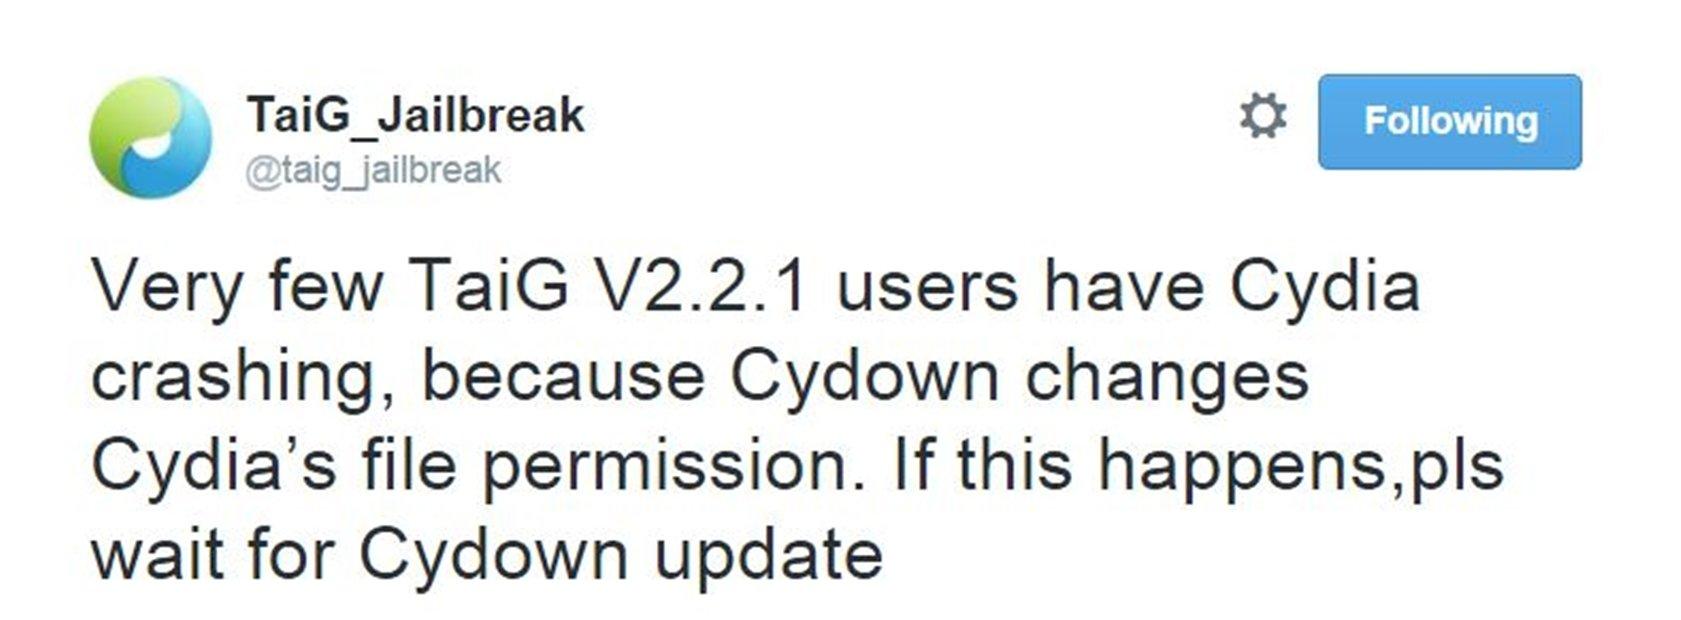 TaiG 2.2.1 problema Cydia